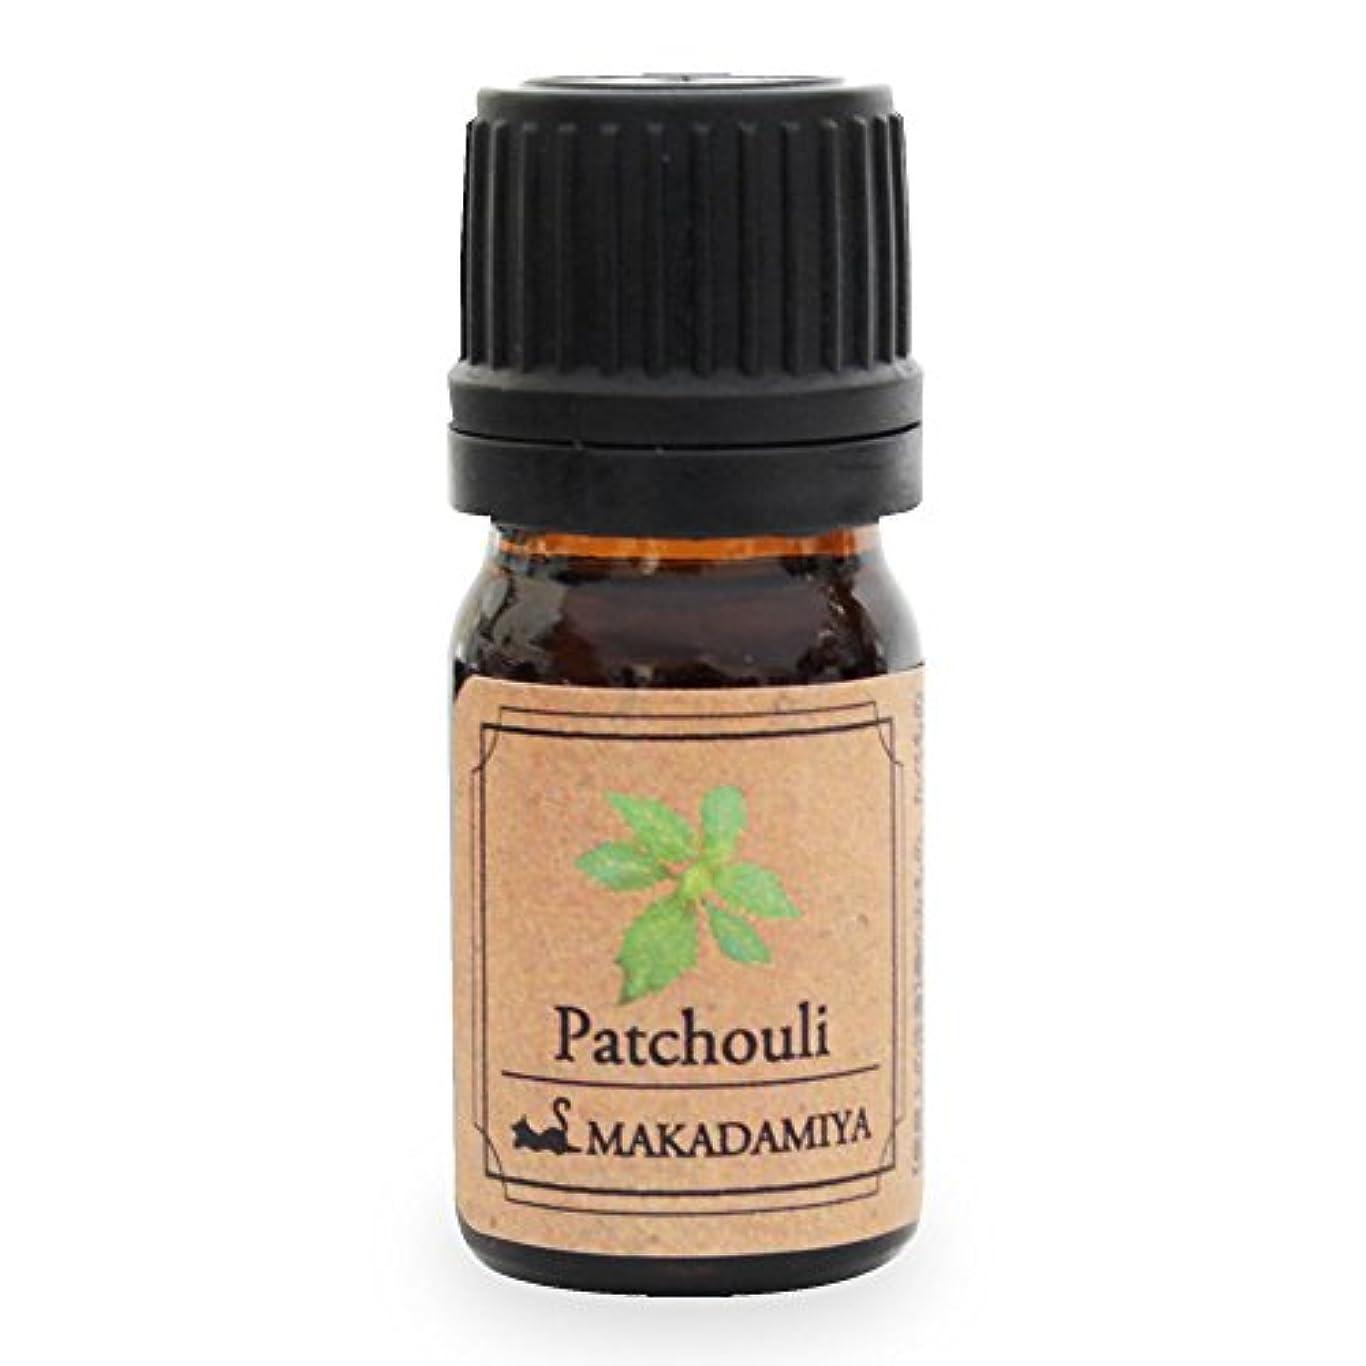 効能マナーモードリンパチュリ5ml 天然100%植物性 エッセンシャルオイル(精油) アロマオイル アロママッサージ aroma Patchouli